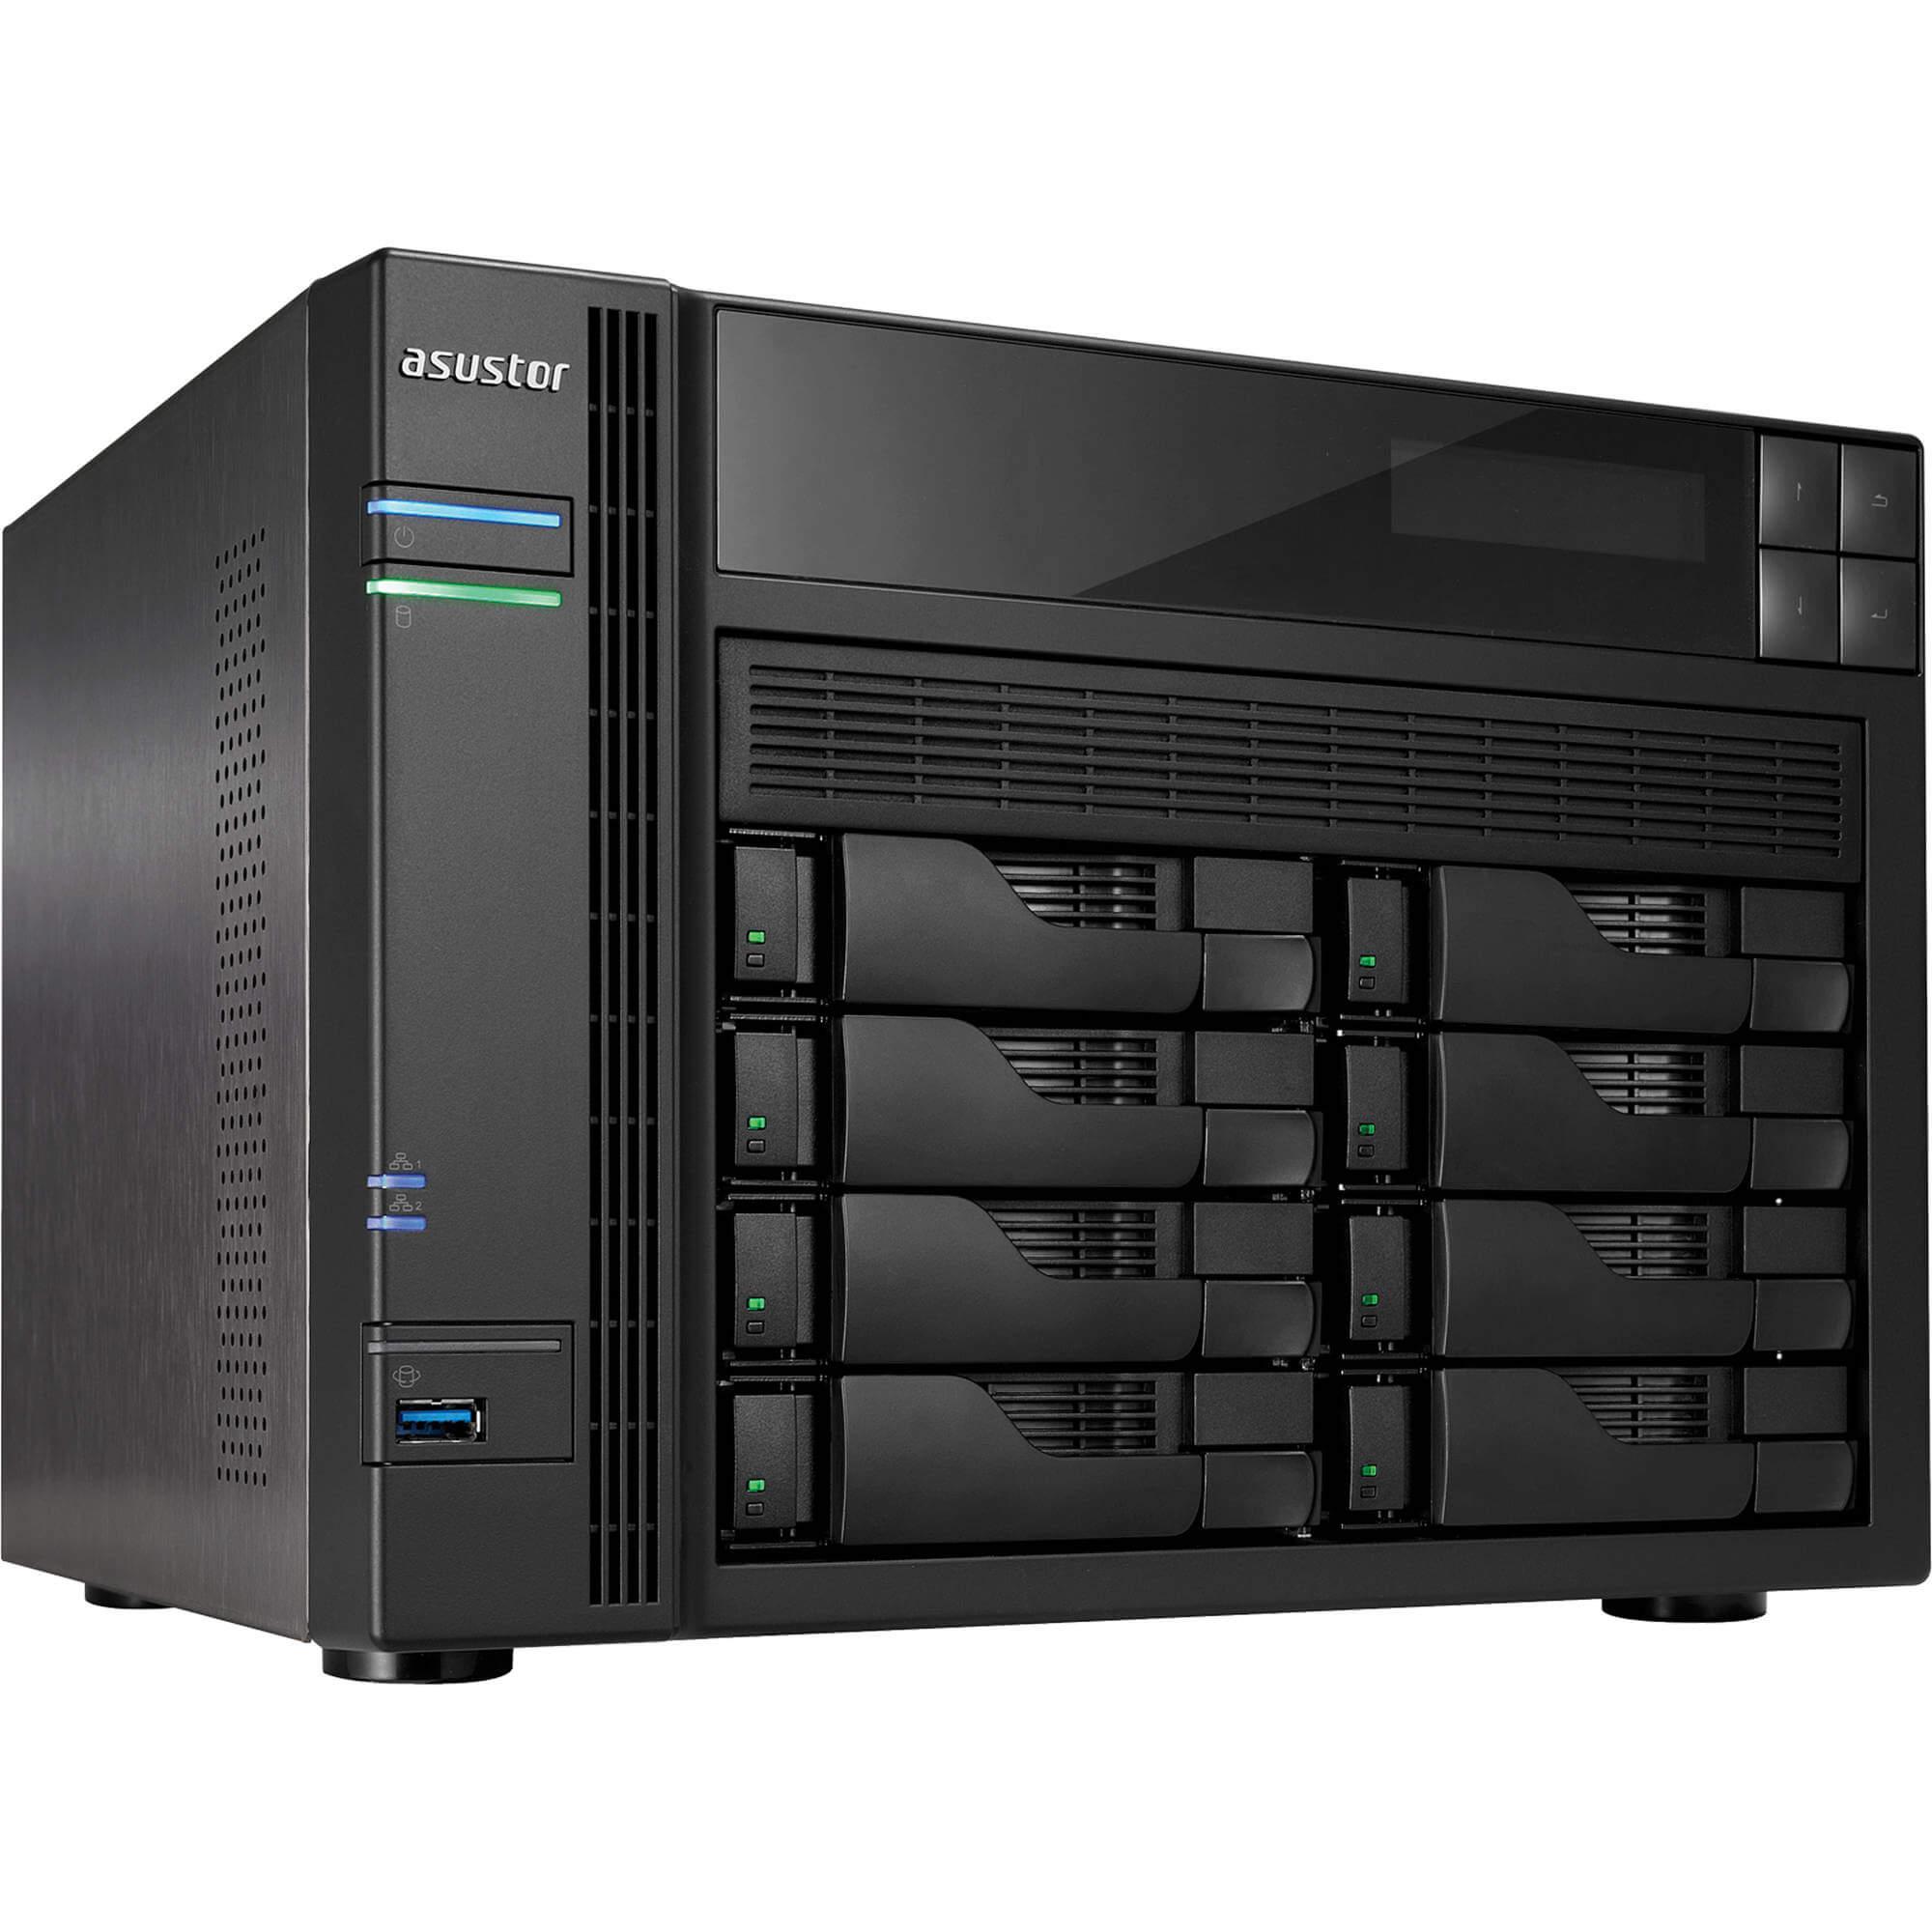 Защита от DDOS-атак и оптимизация ядра для серверов с высокой нагрузкой